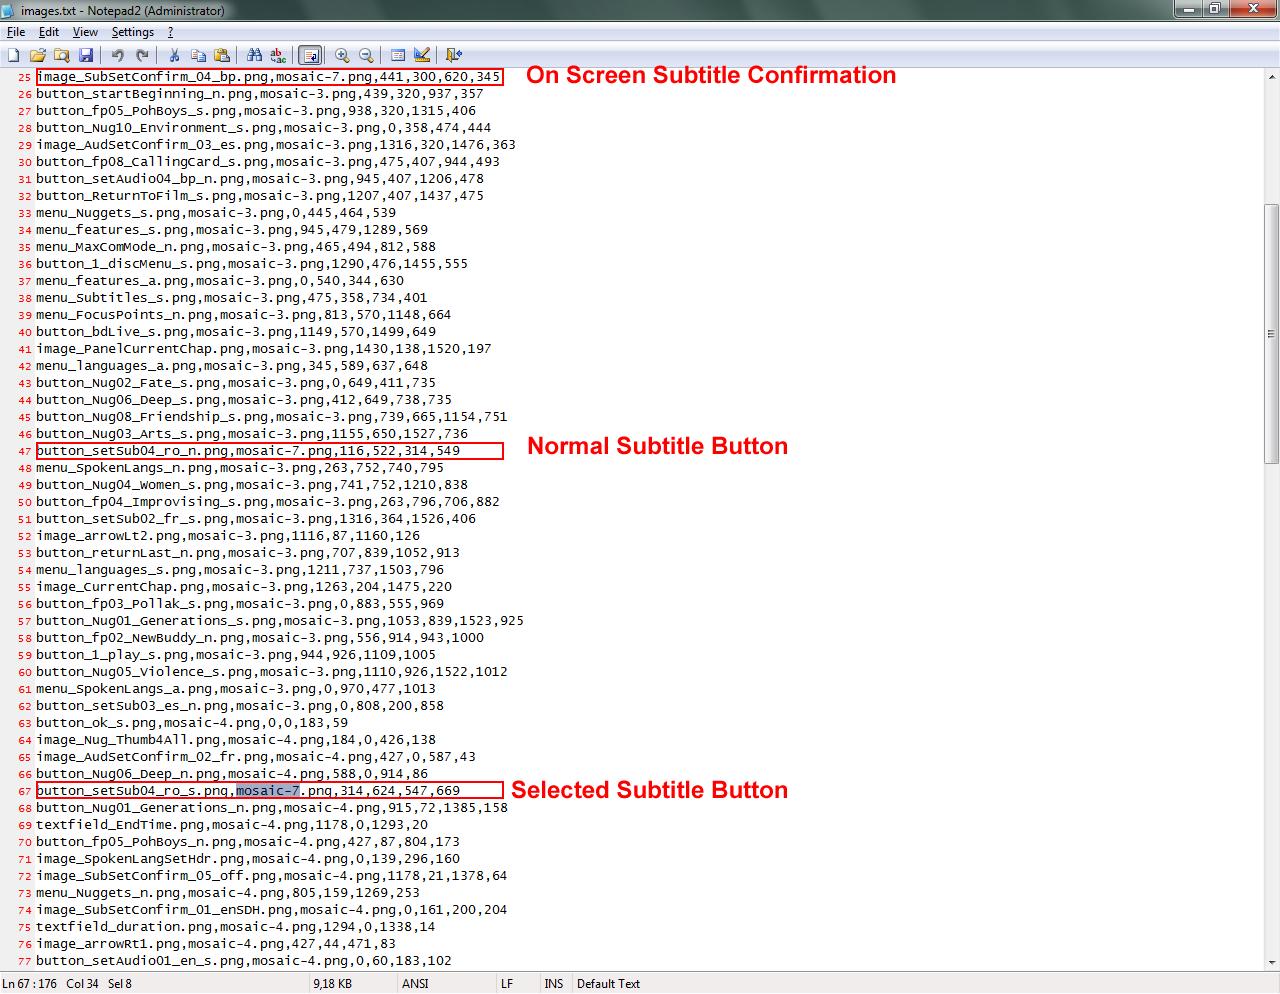 menu_same_coordinates_3_images.png